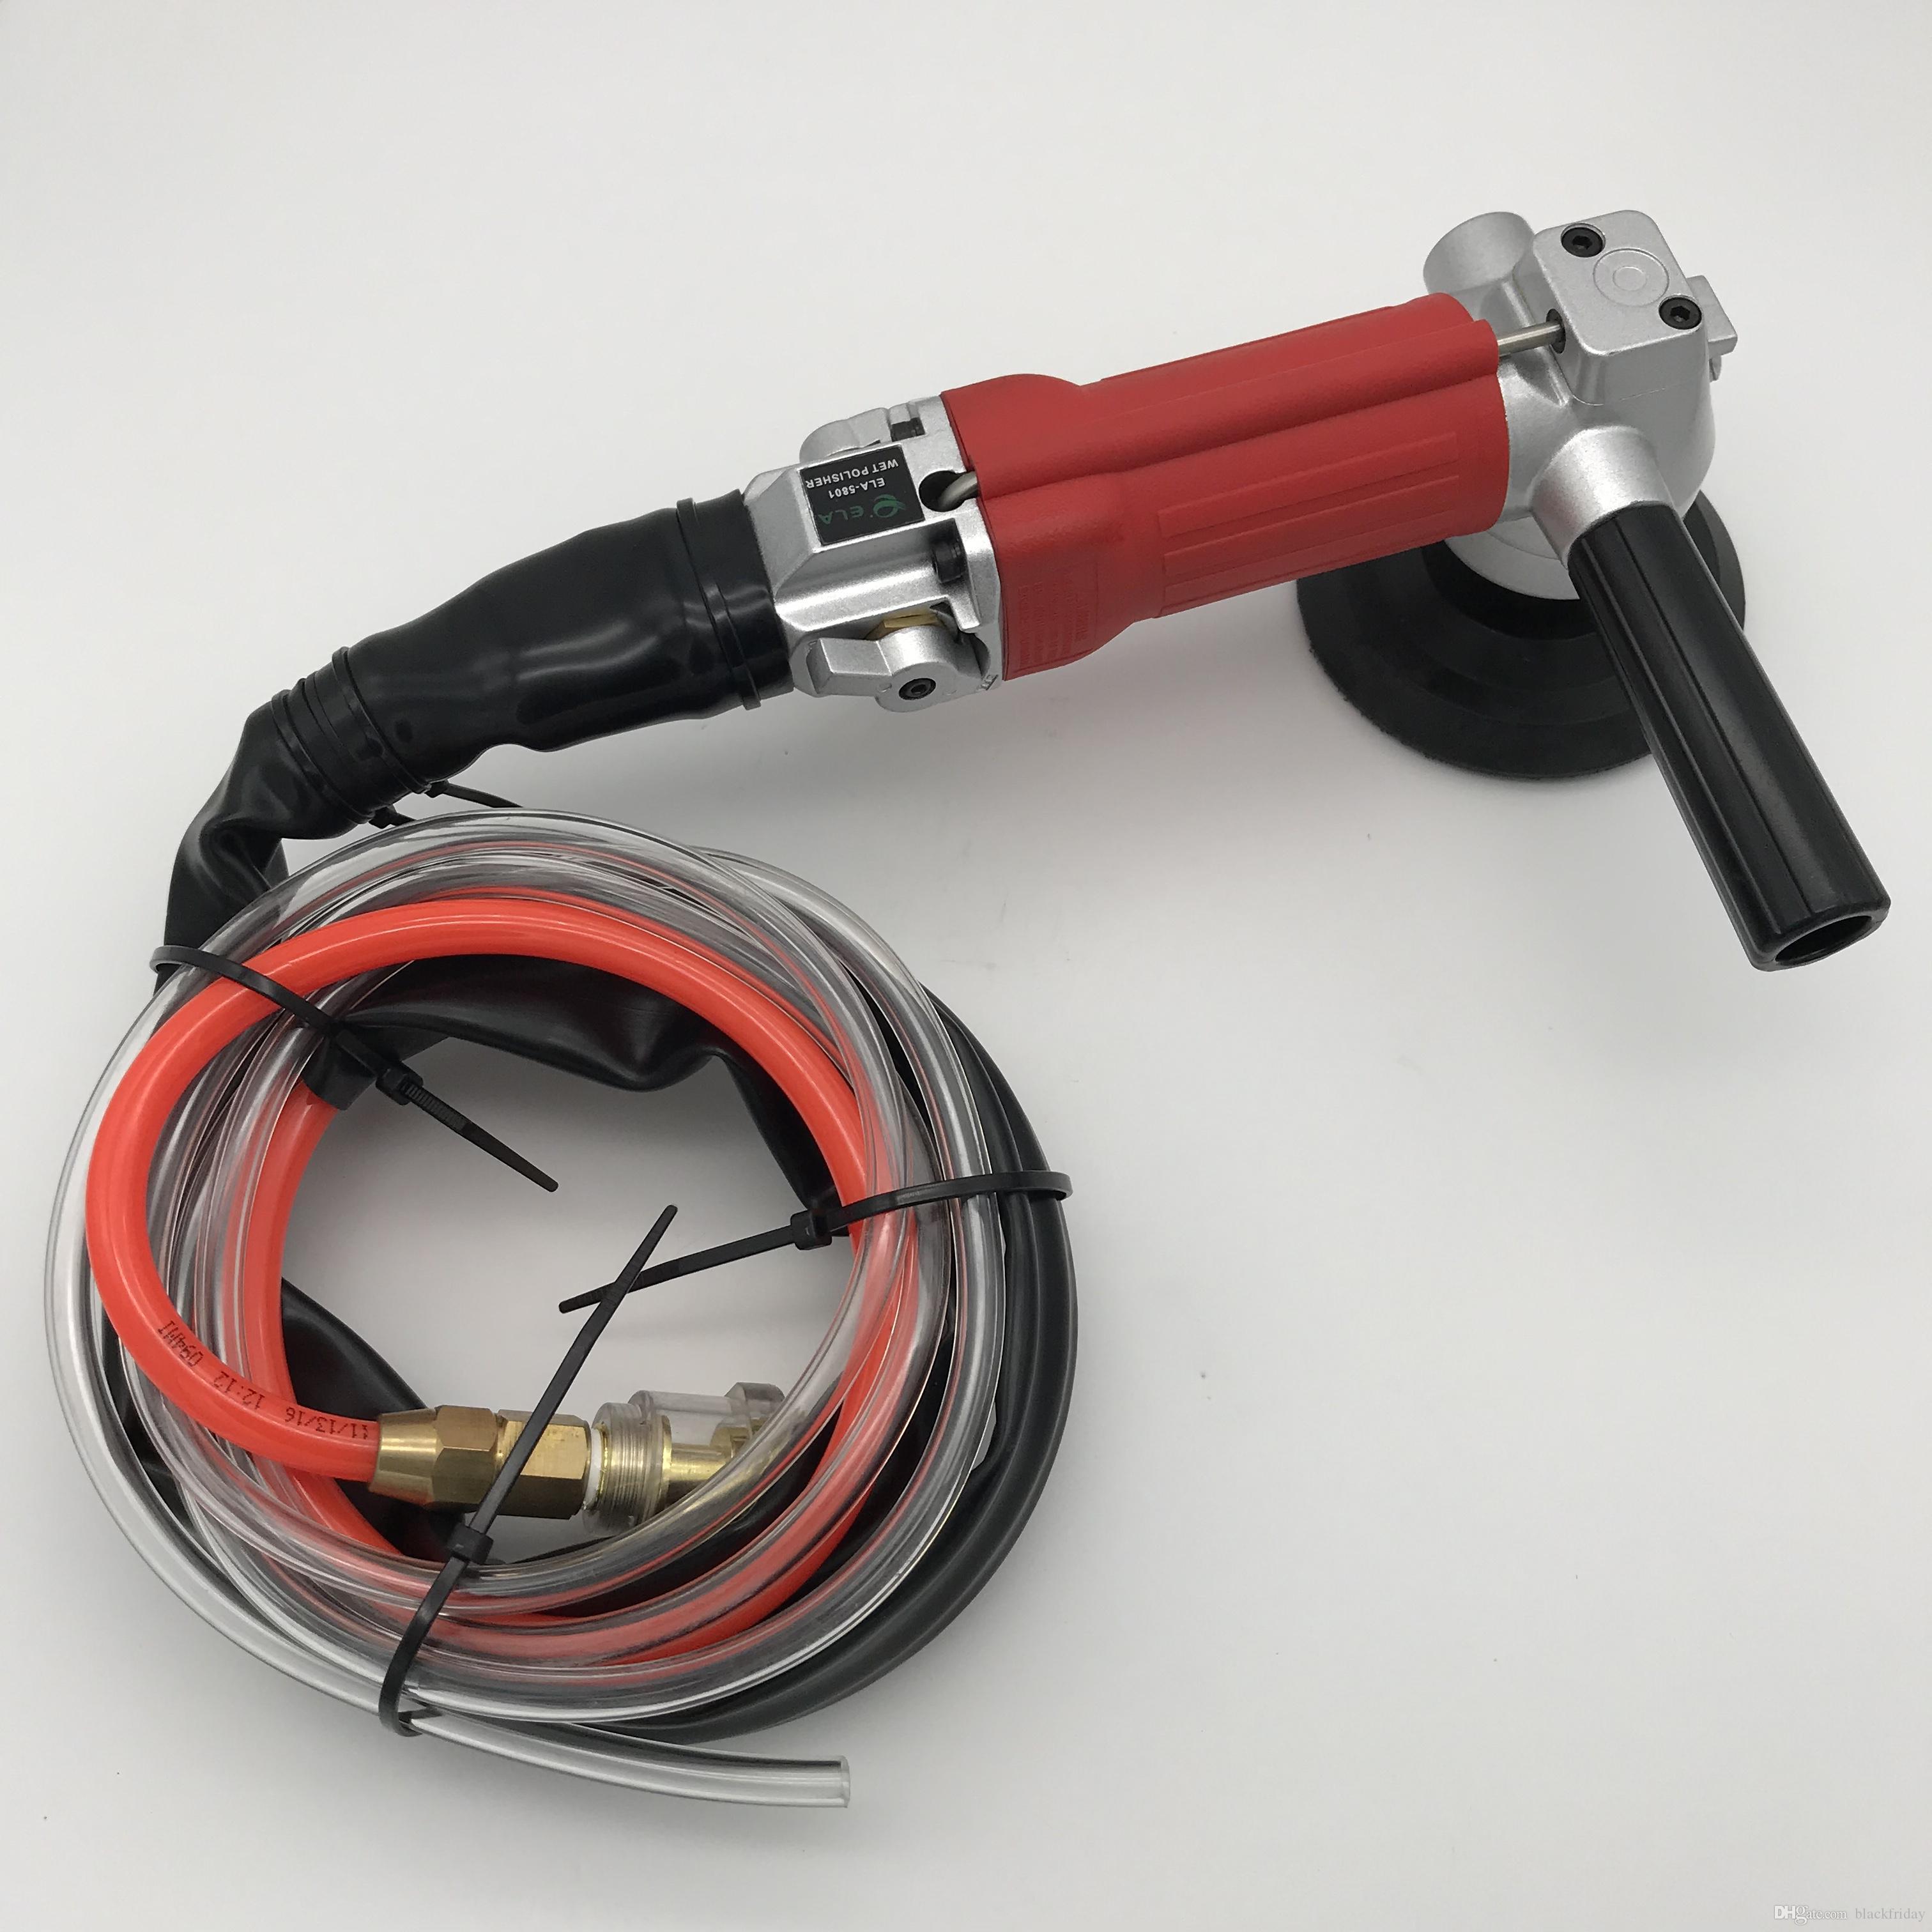 Polisseuse haute qualité d'échappement arrière Air humide Couleur Rouge pneumatique Air Sander pneumatique Grinder discussion 5 / 8-11 ou M14